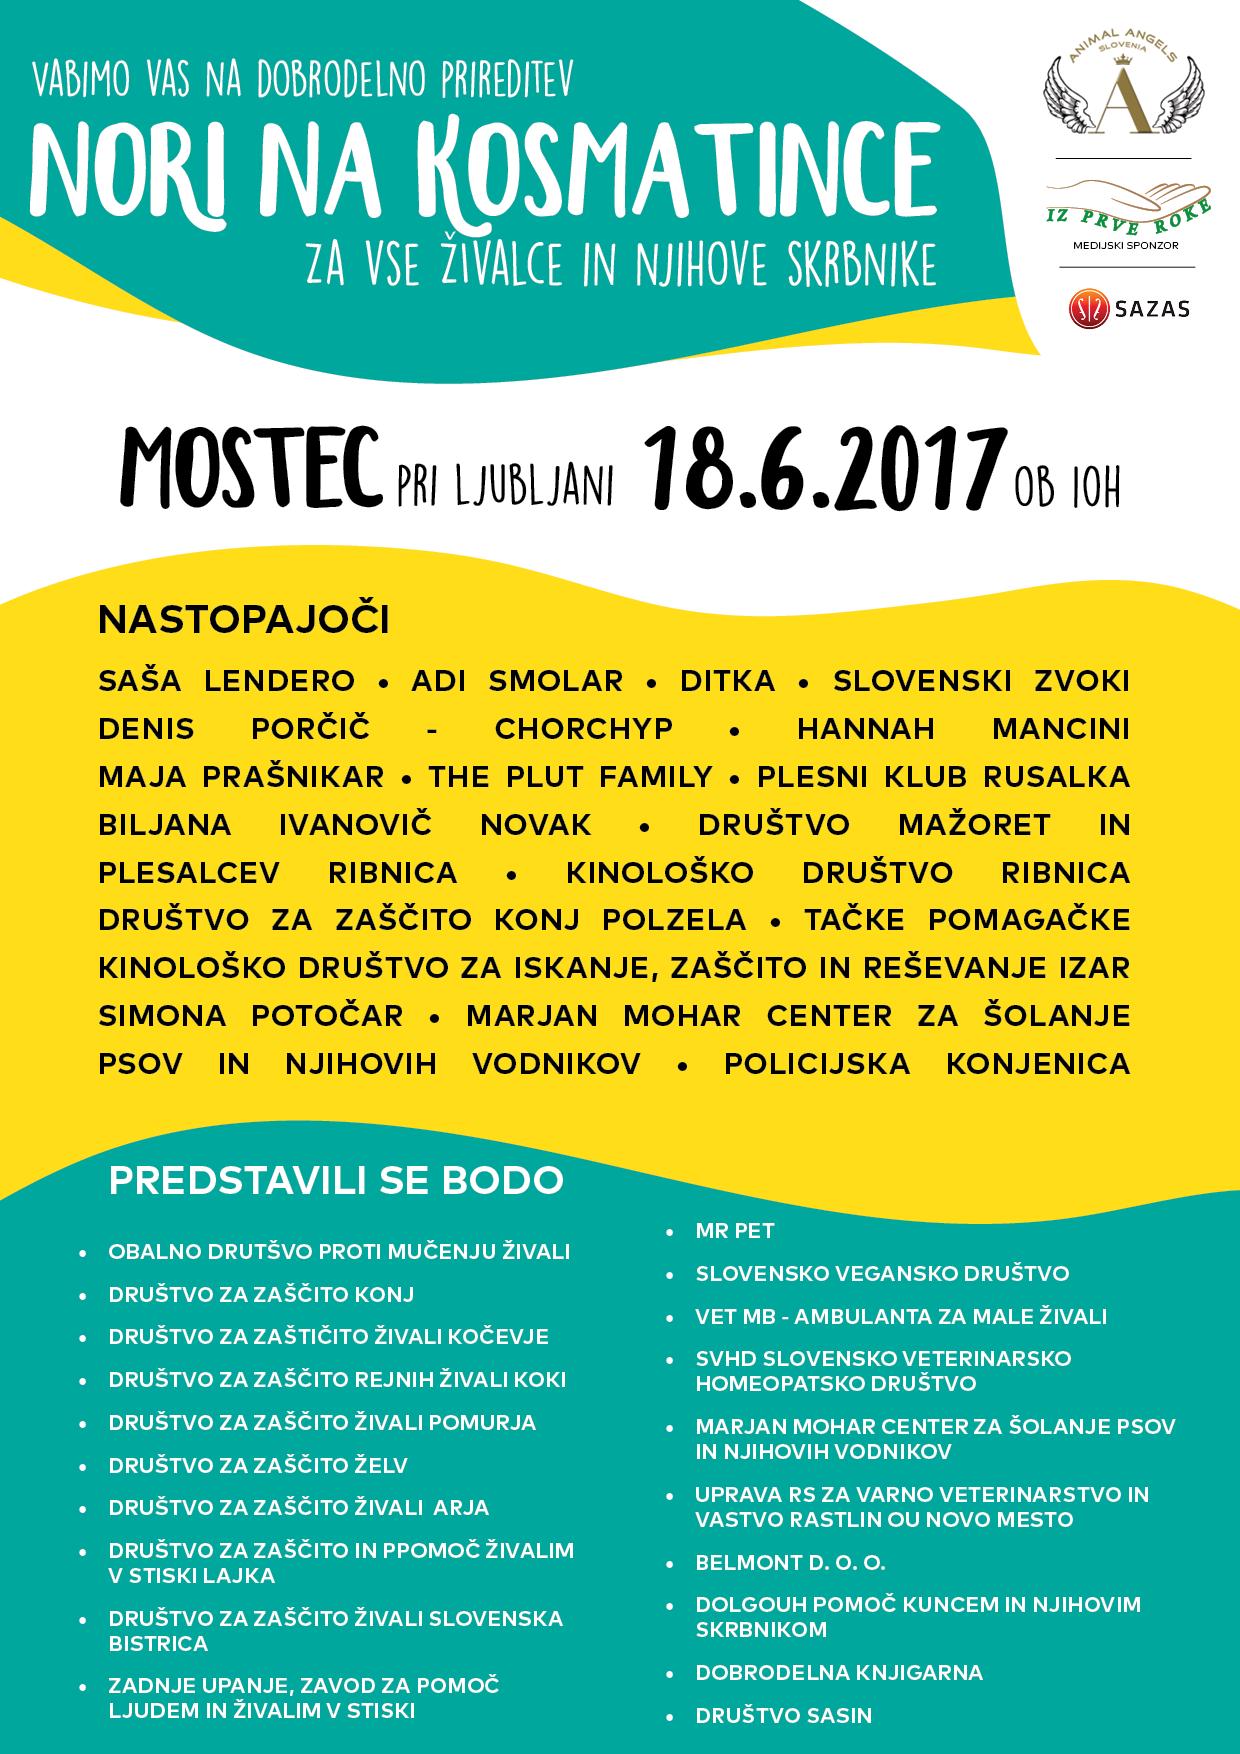 nori_na_kosmatince_plakat